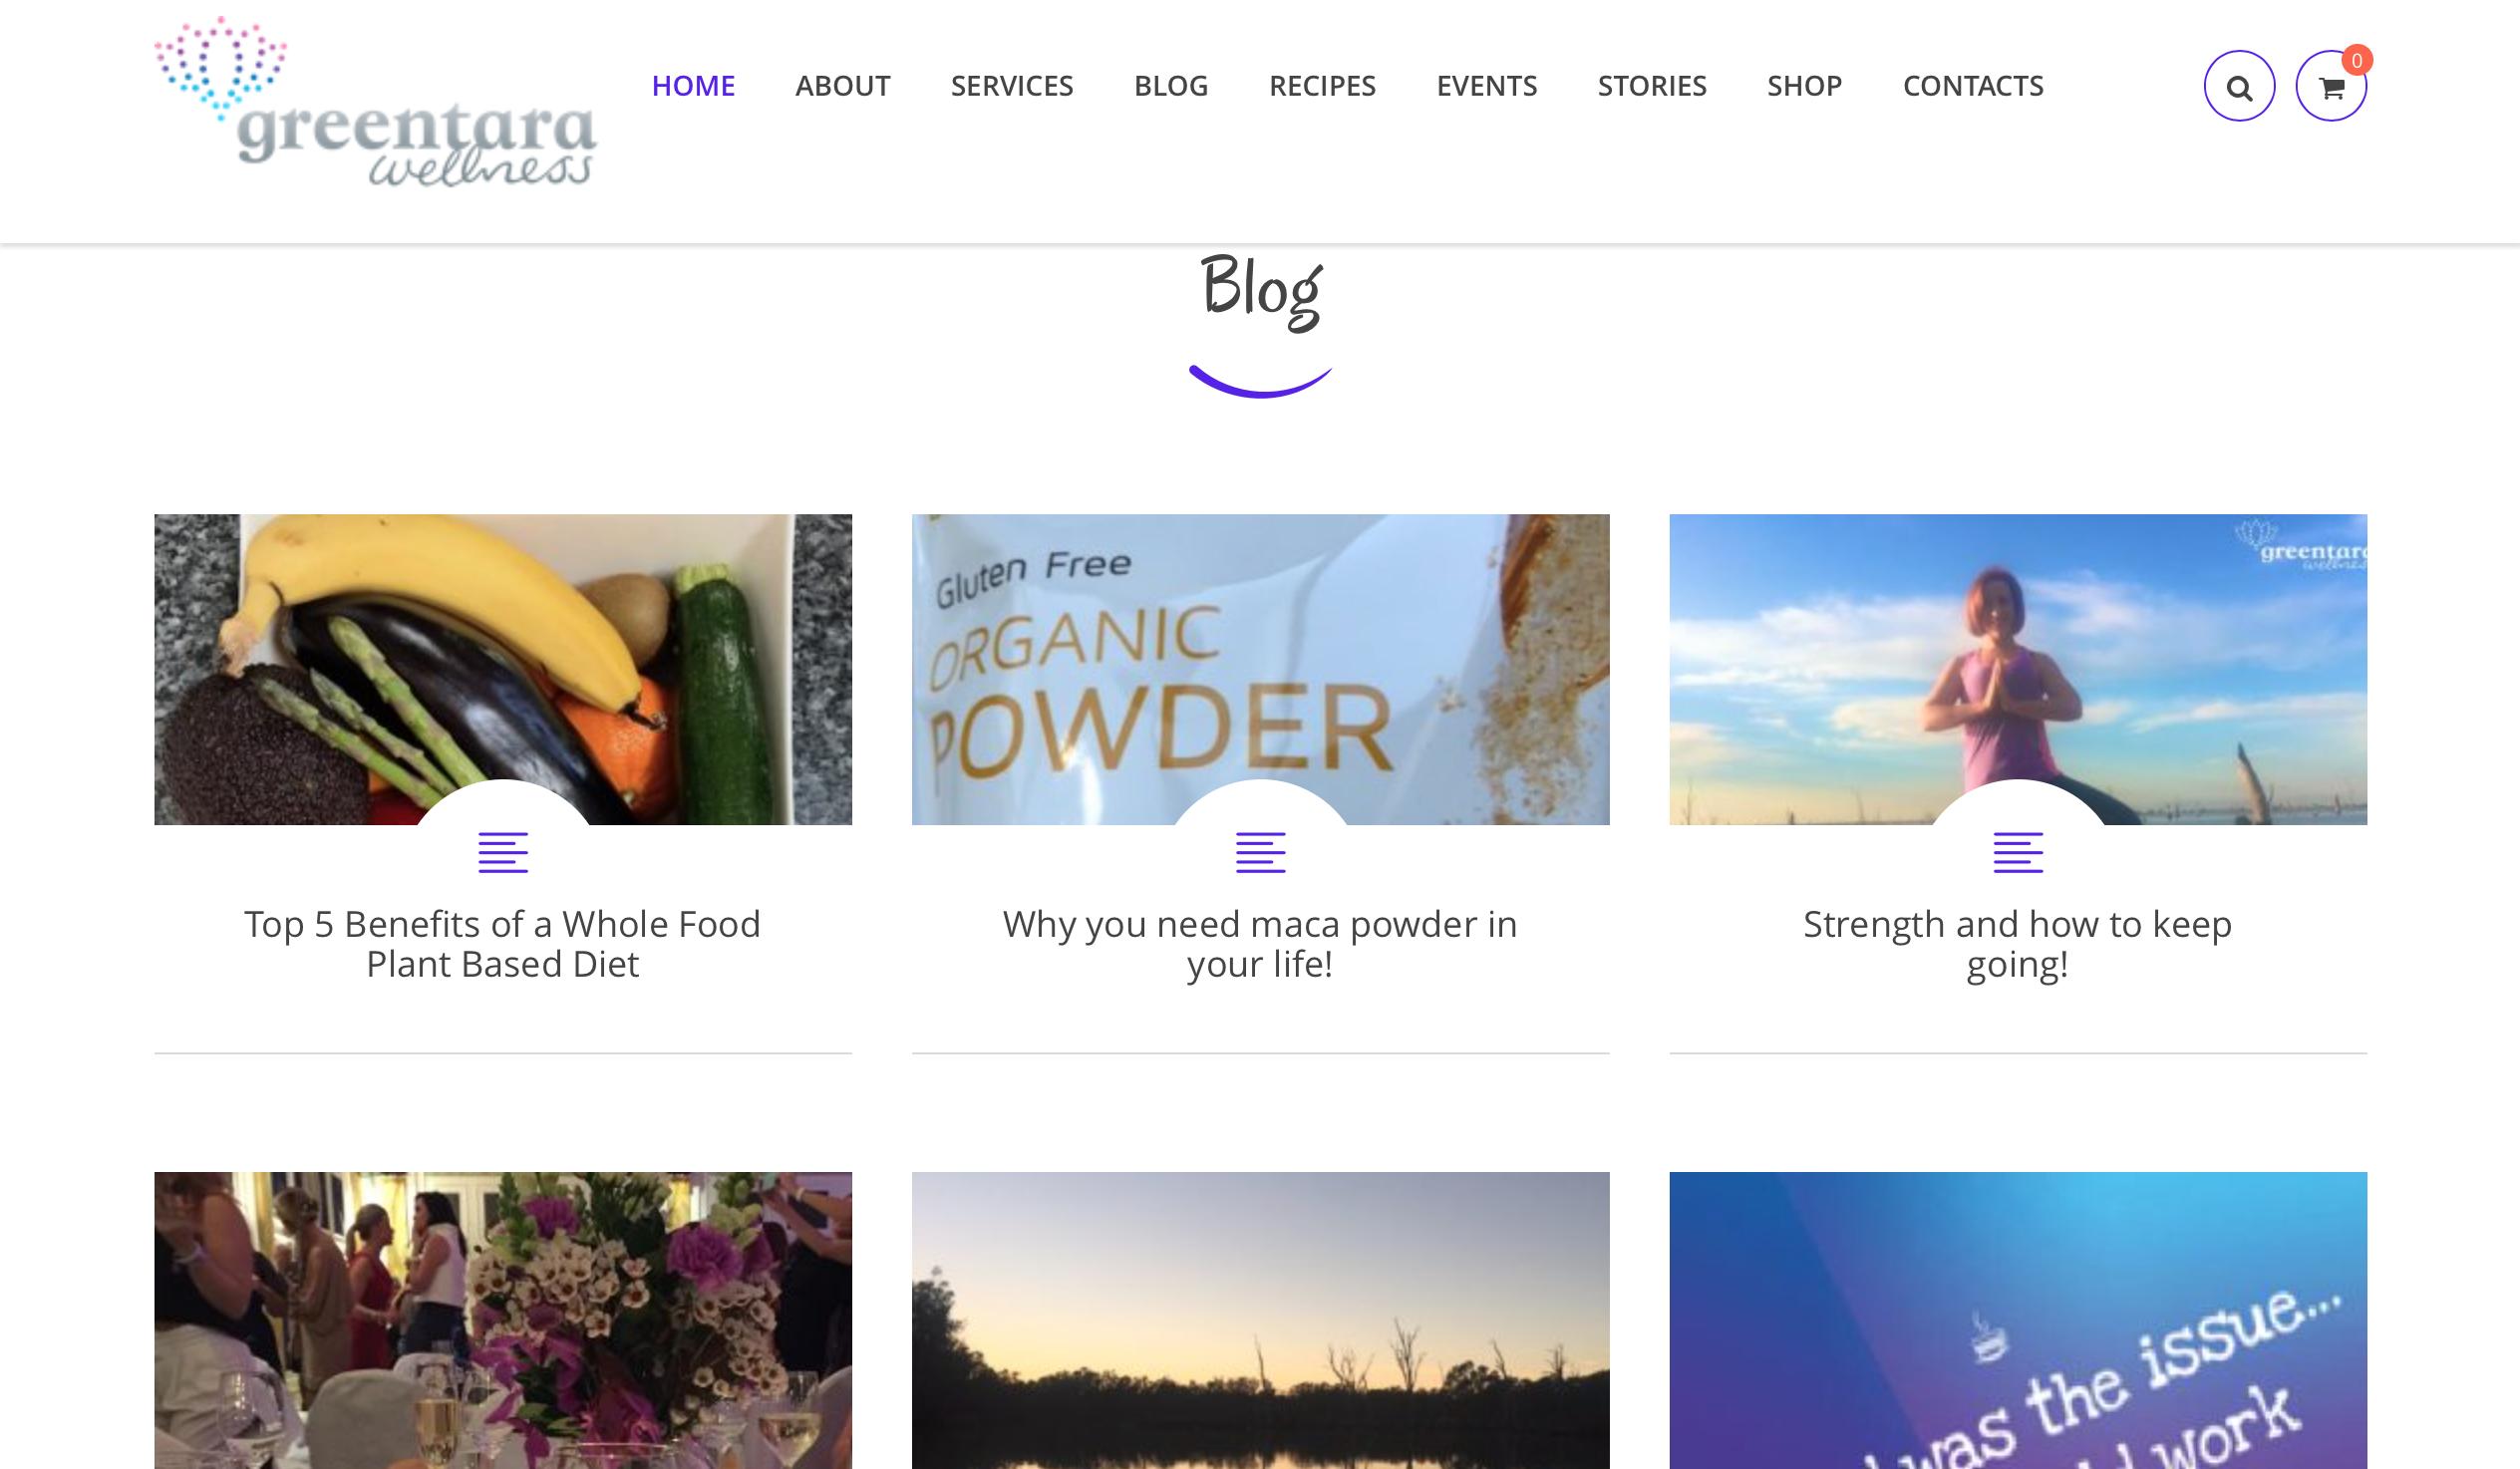 green-tara-wellness-get-online-recent-projects-blogs